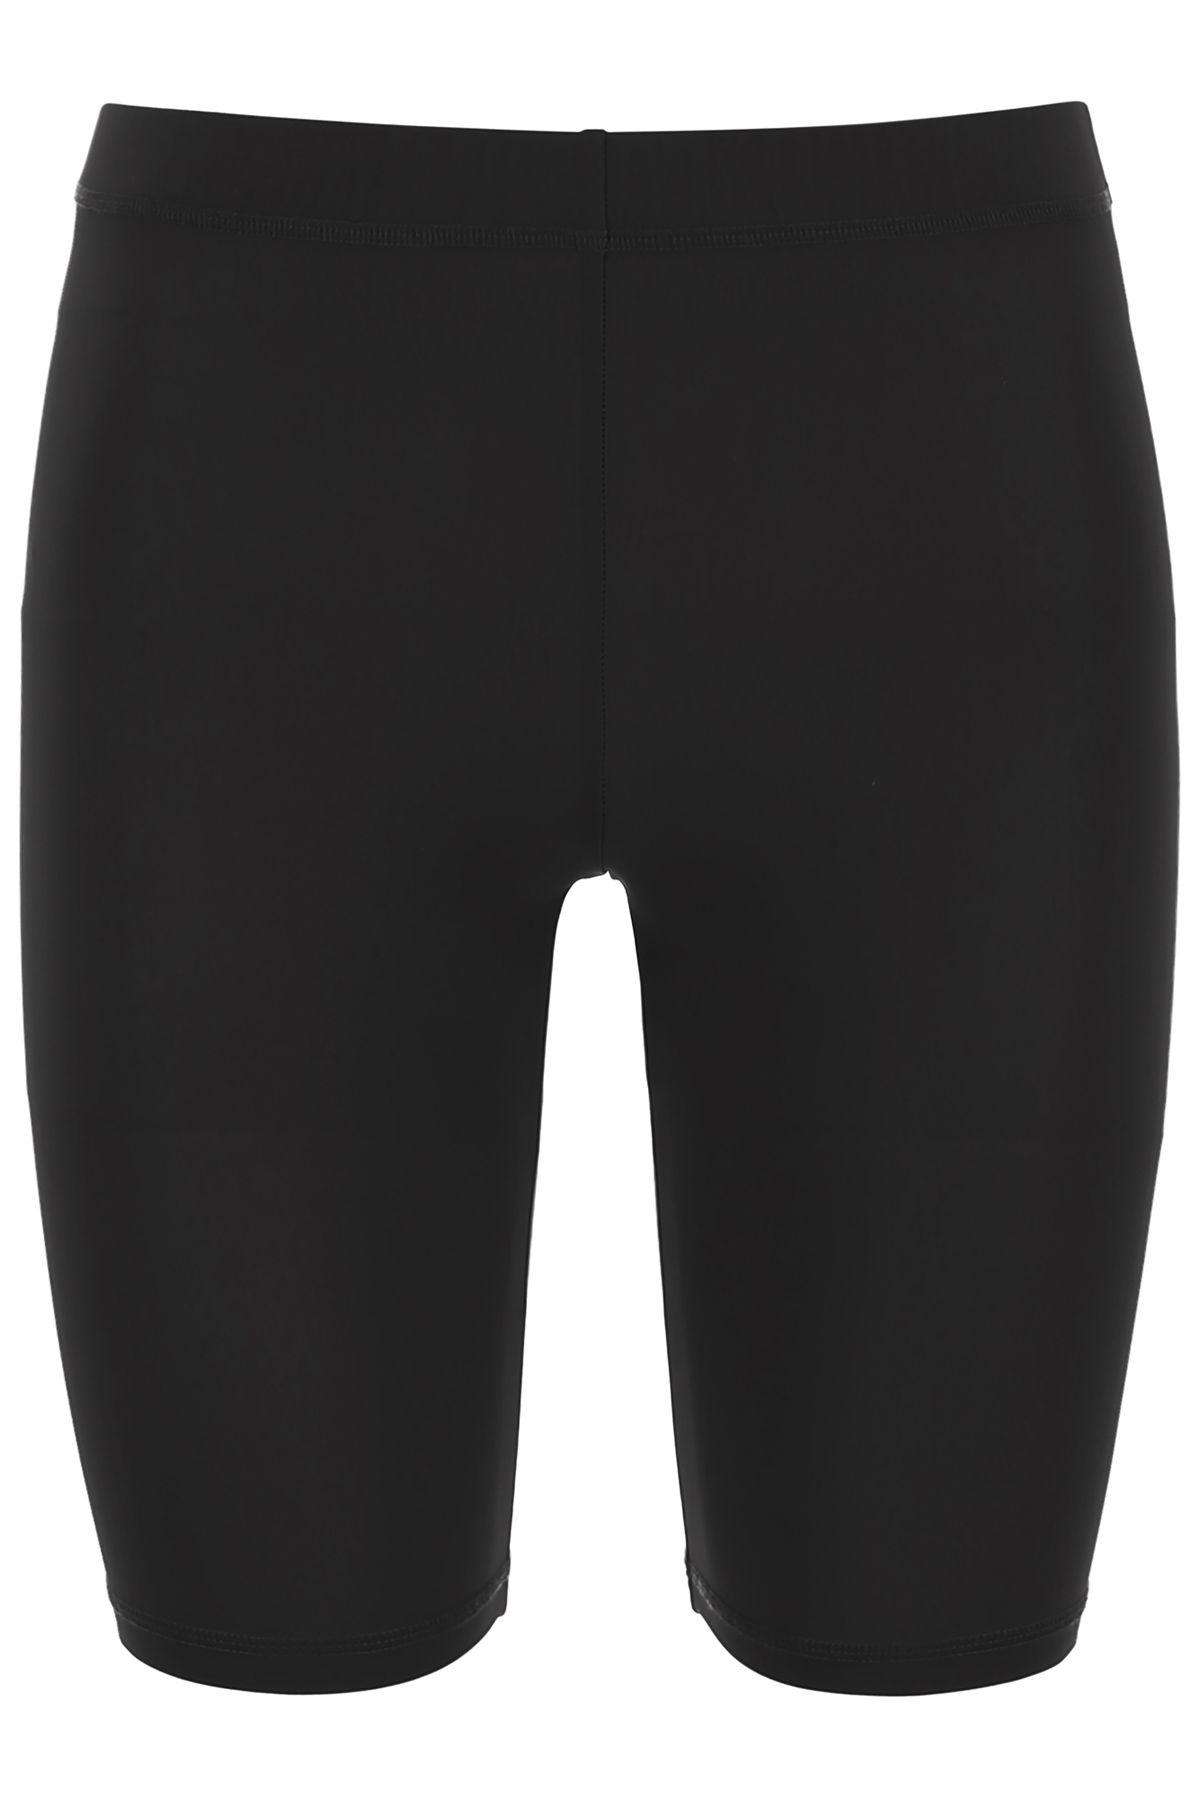 Nanushka Shorts BIKER SHORTS